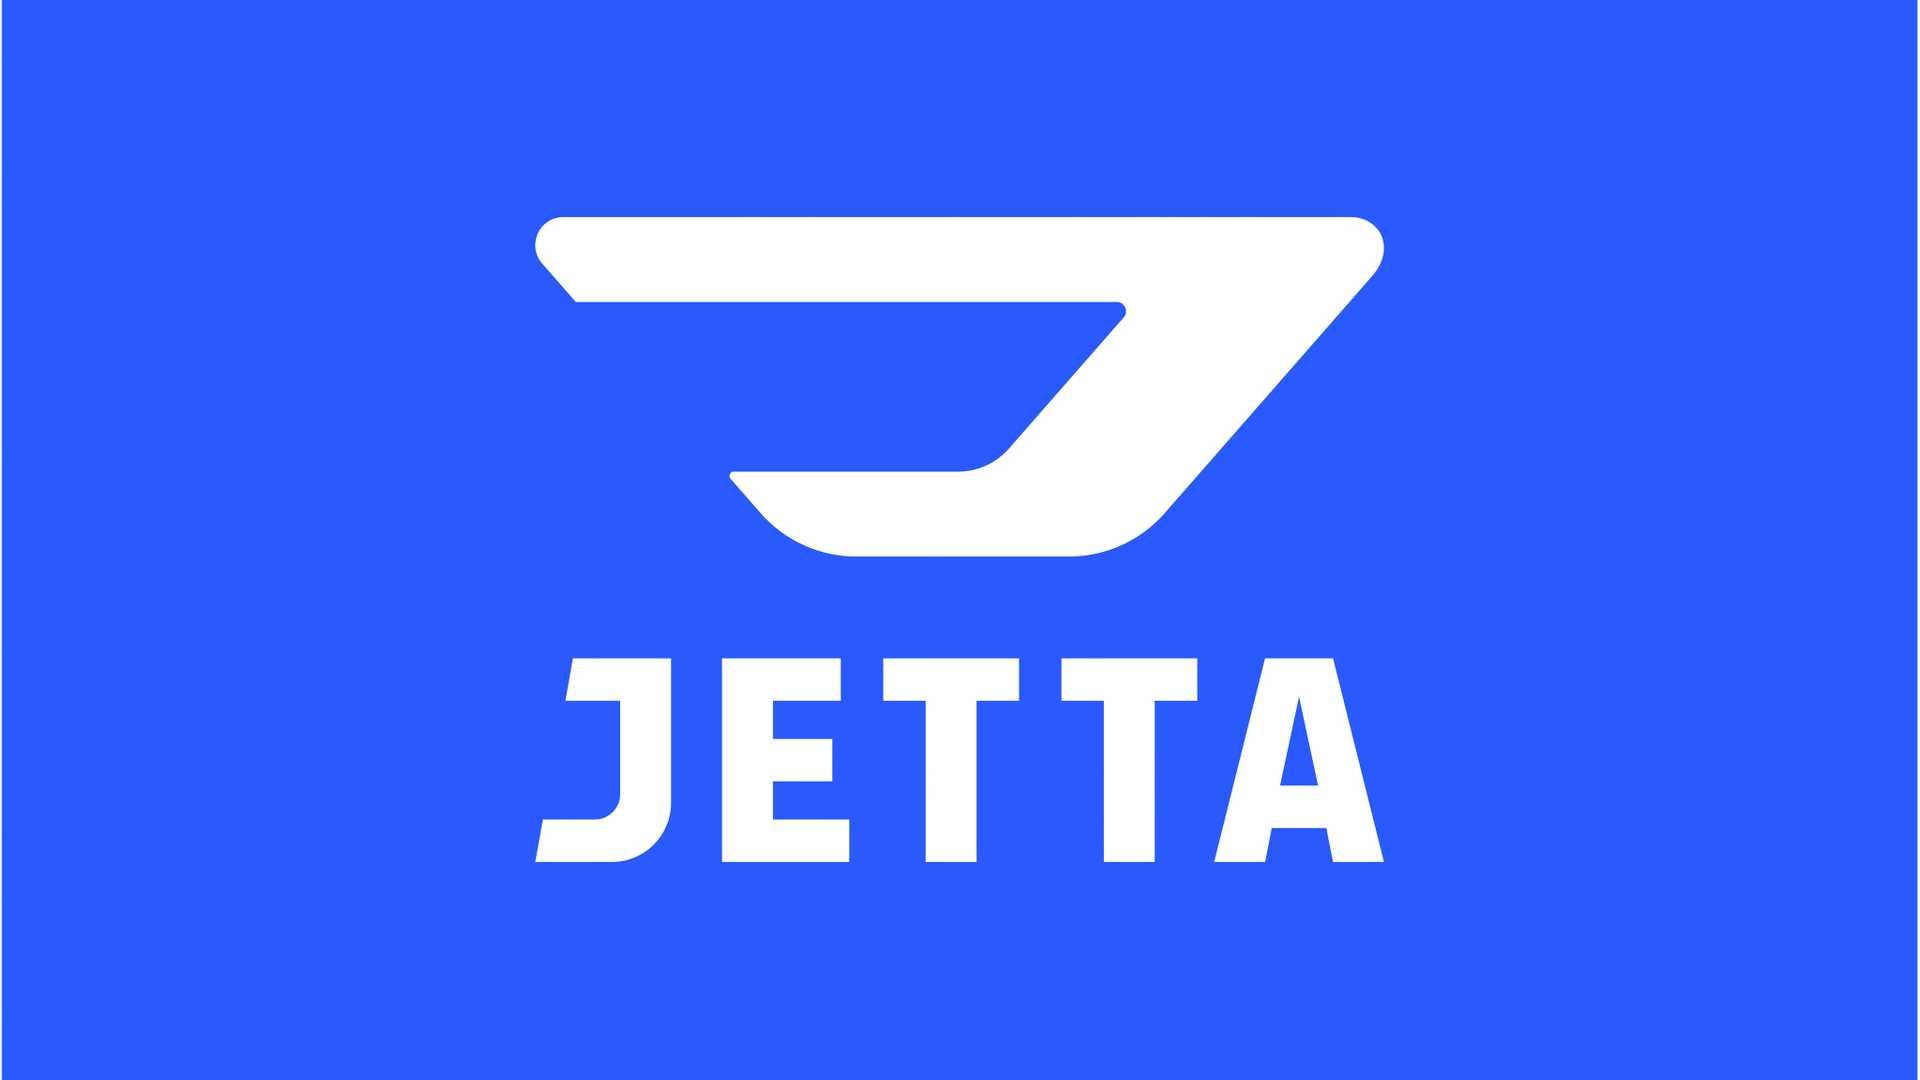 Jetta Sedan